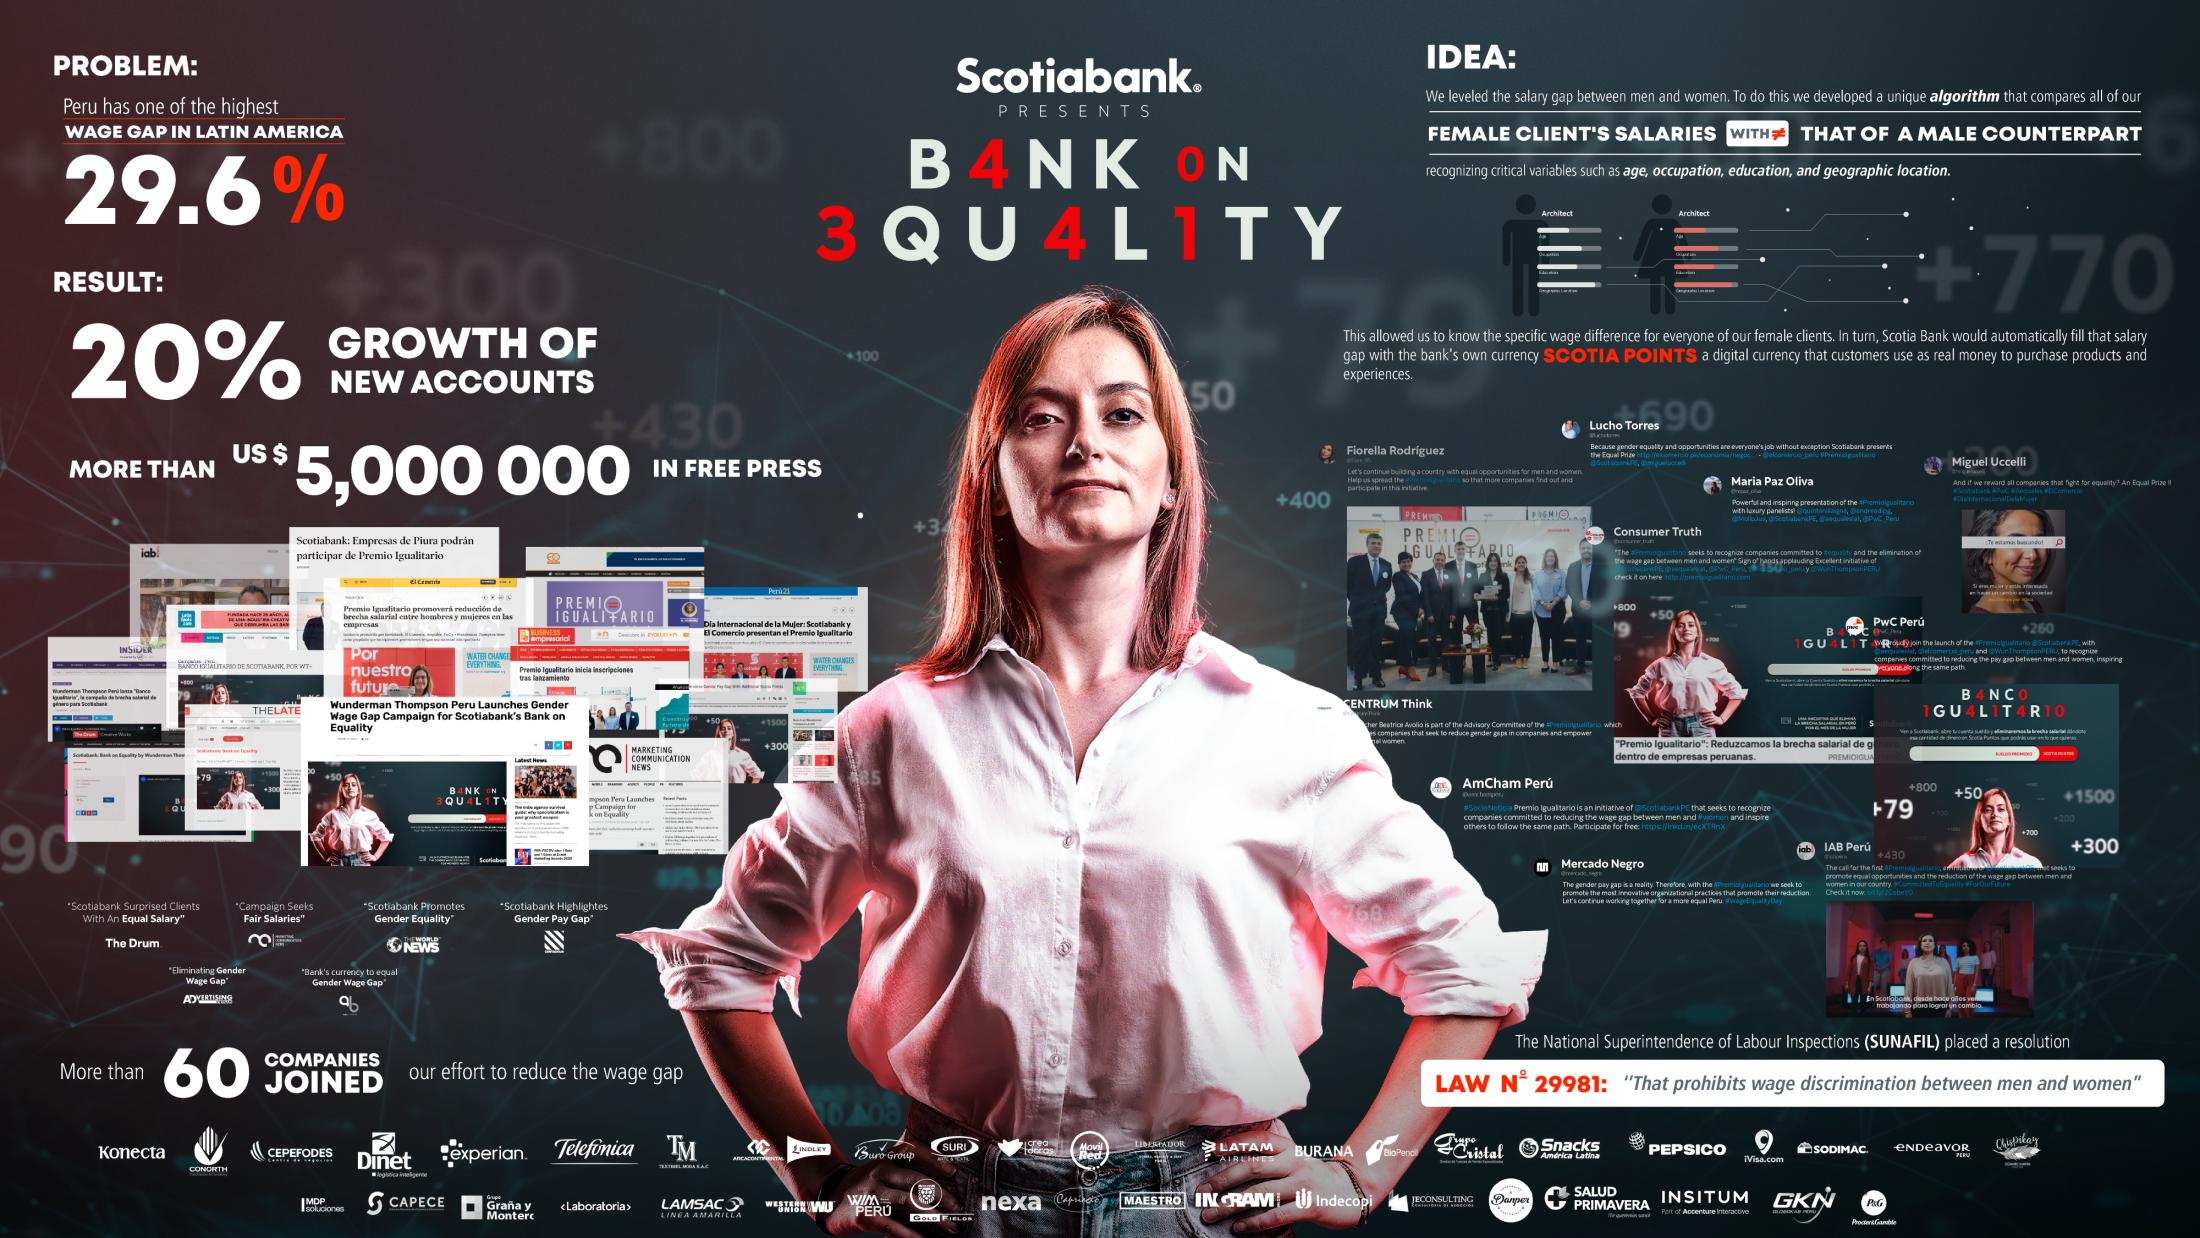 Thumbnail for Bank on Equality